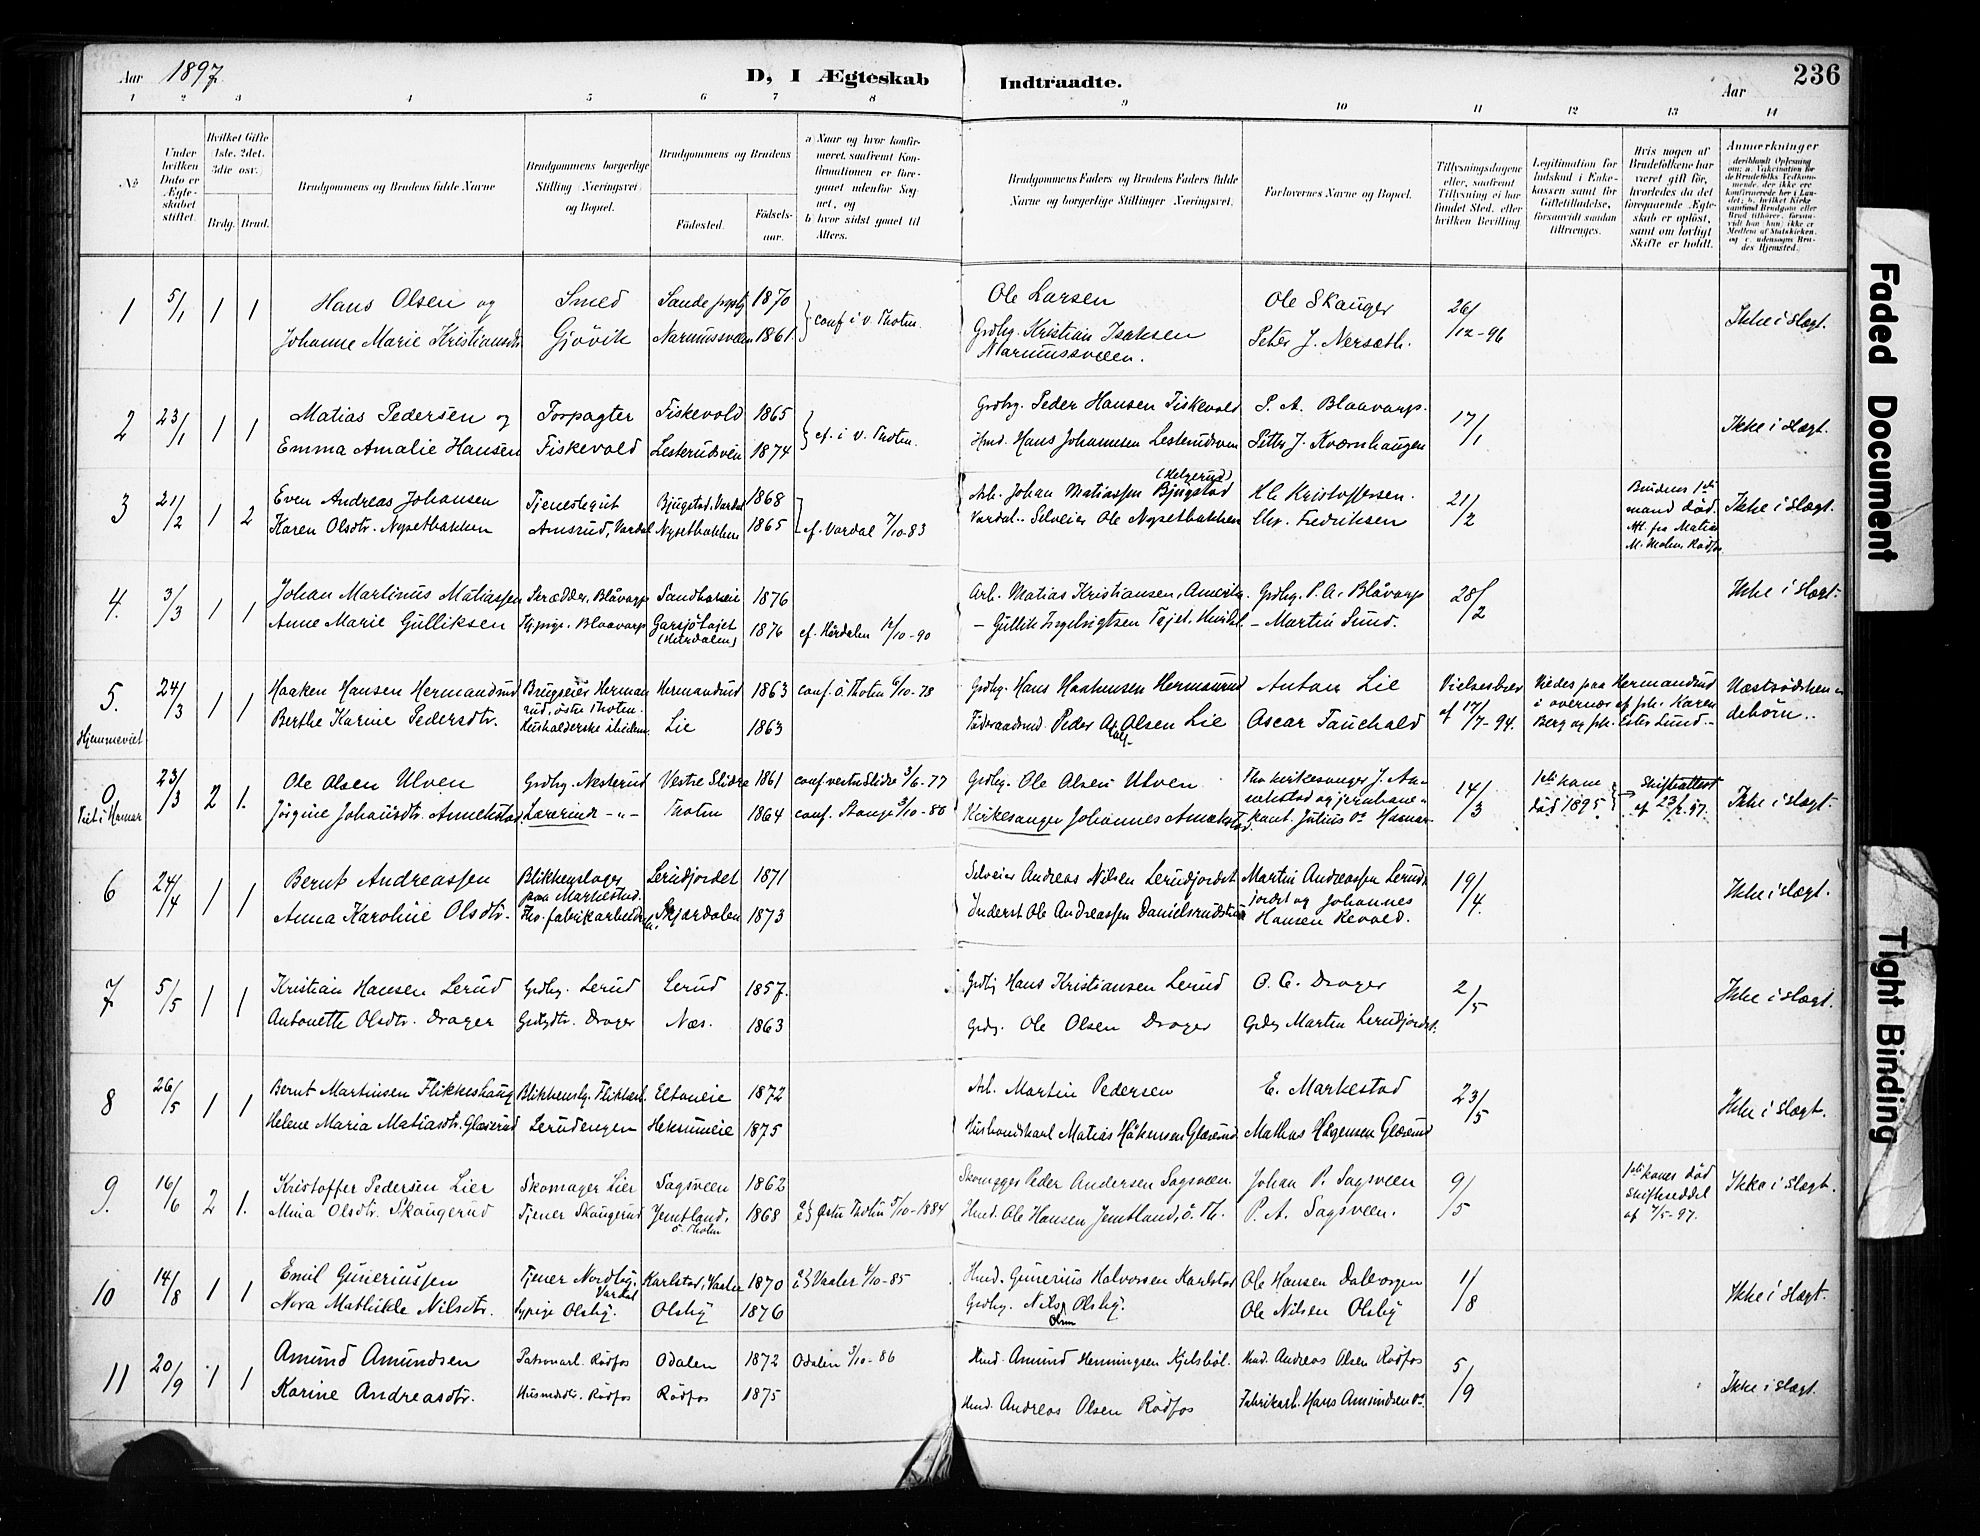 SAH, Vestre Toten prestekontor, Ministerialbok nr. 11, 1895-1906, s. 236